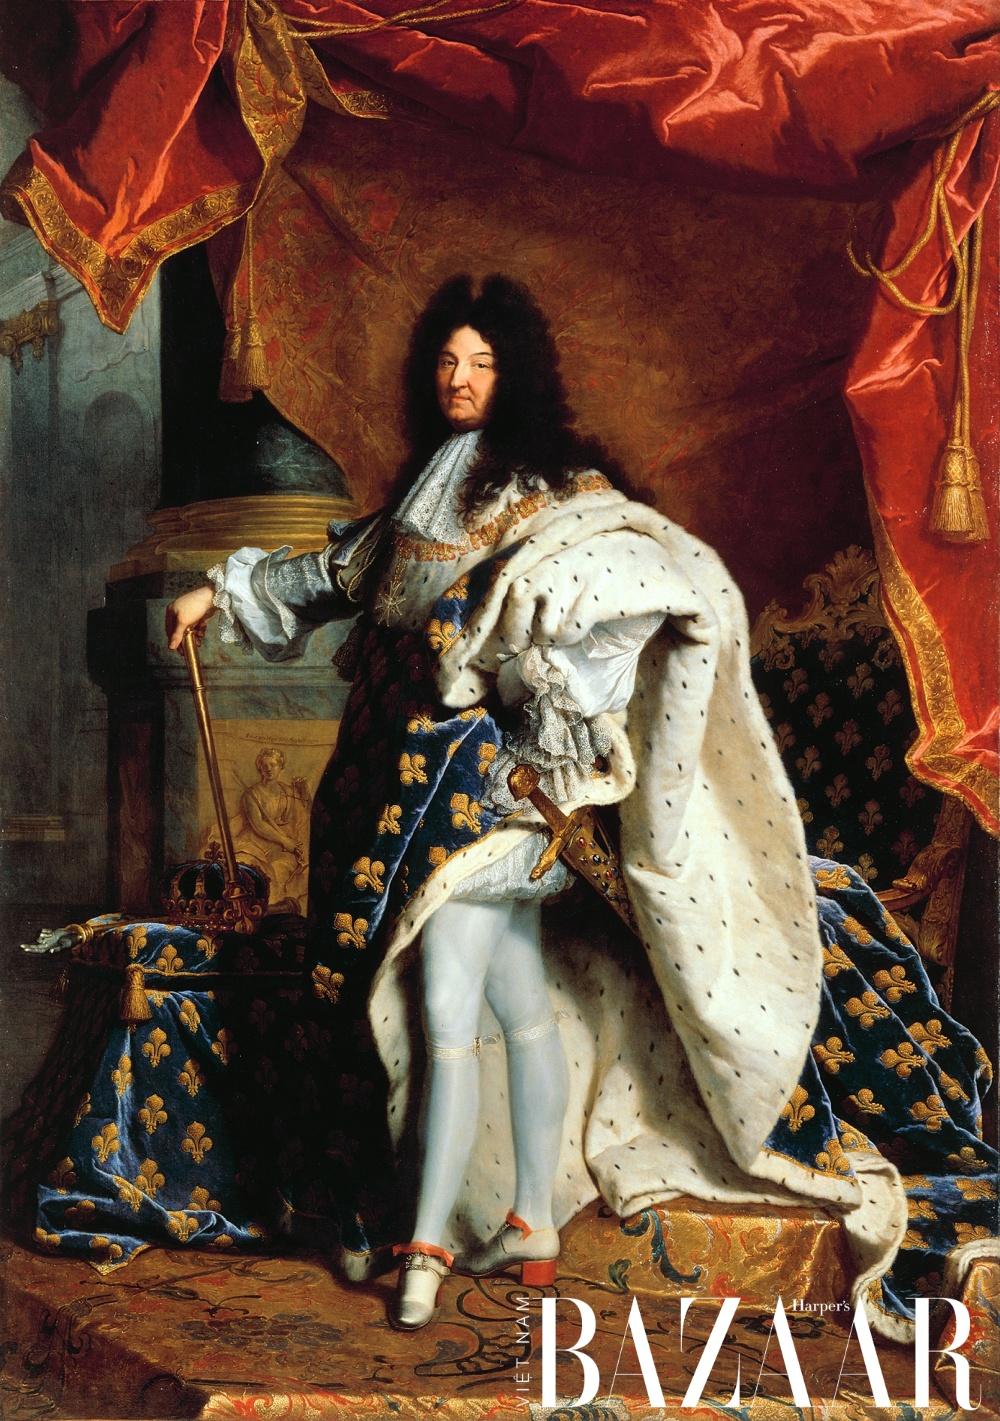 Vua Louis XIV trong áo khoáng bằng nhung và lông chồn ermine. Tranh sơn dầu do Hyacinthe Rigaud thực hiện năm 1701. Ảnh: Bảo tàng Louvre